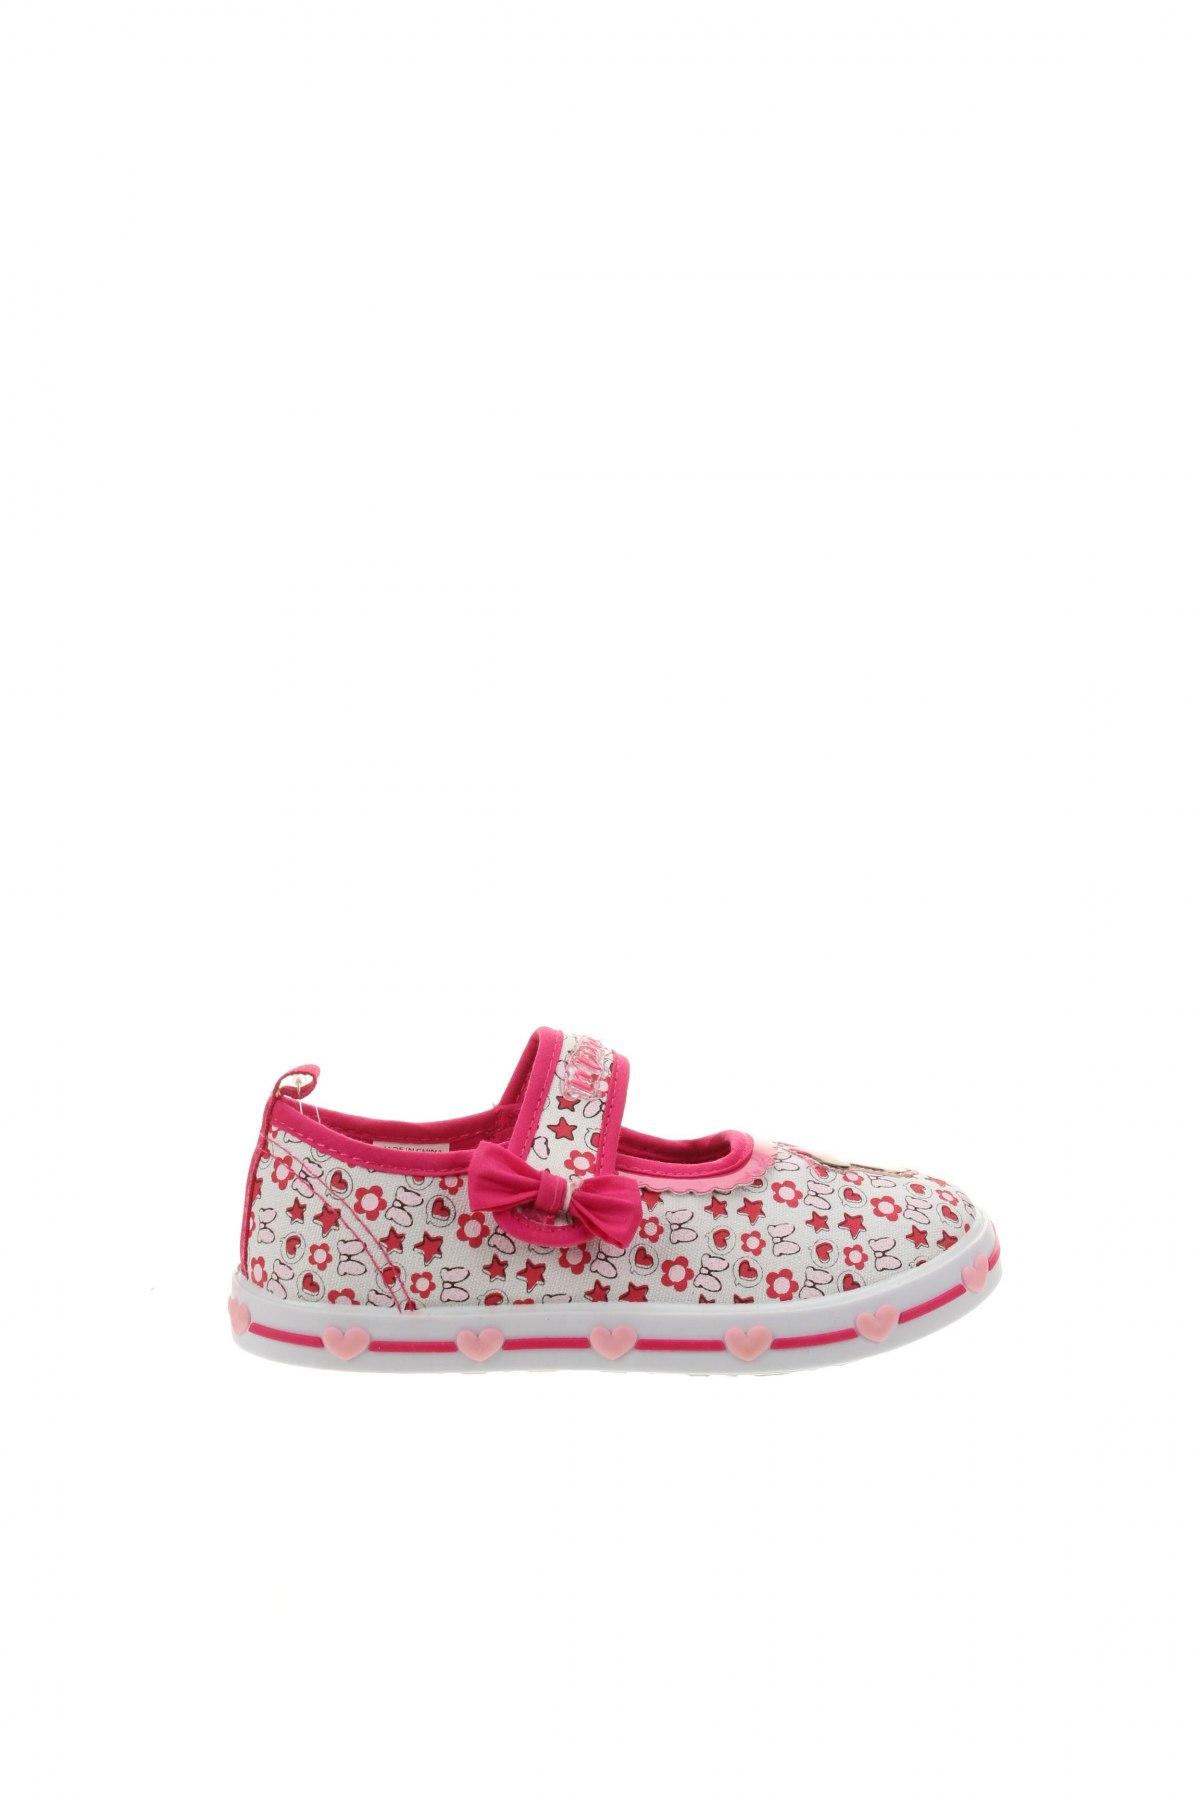 Detské topánky Minnie Mouse - za výhodnú cenu na Remix -  102890531 e4446579a1